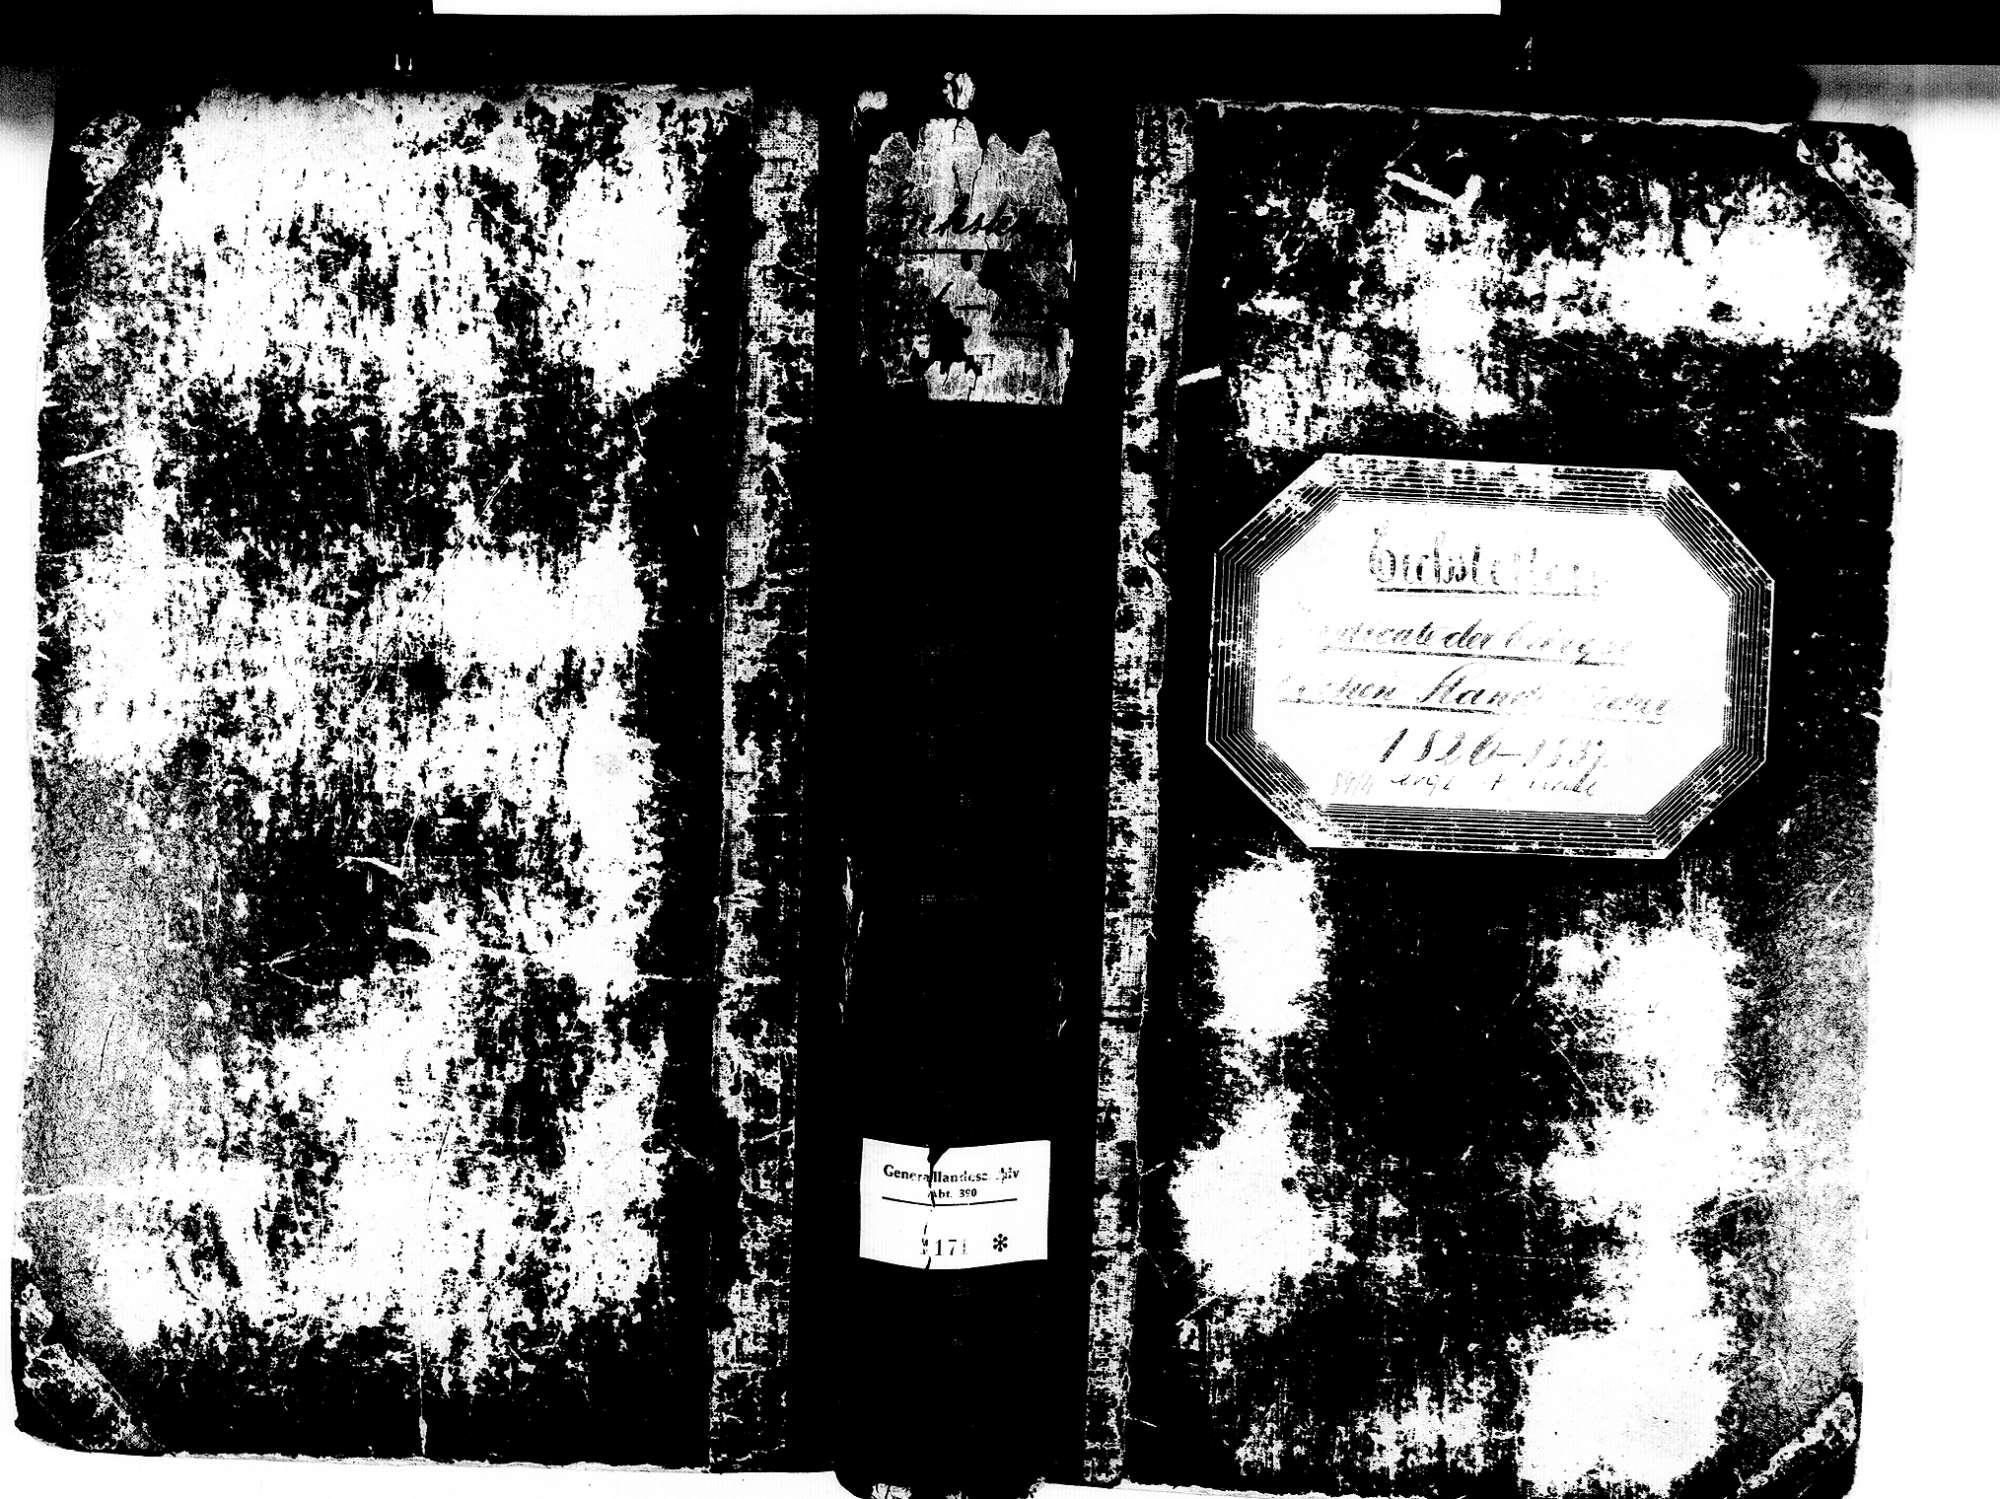 Eichstetten FR; Evangelische Gemeinde: Standesbuch 1826-1837 Eichstetten FR; Israelitische Gemeinde: Standesbuch 1826-1837, Bild 1